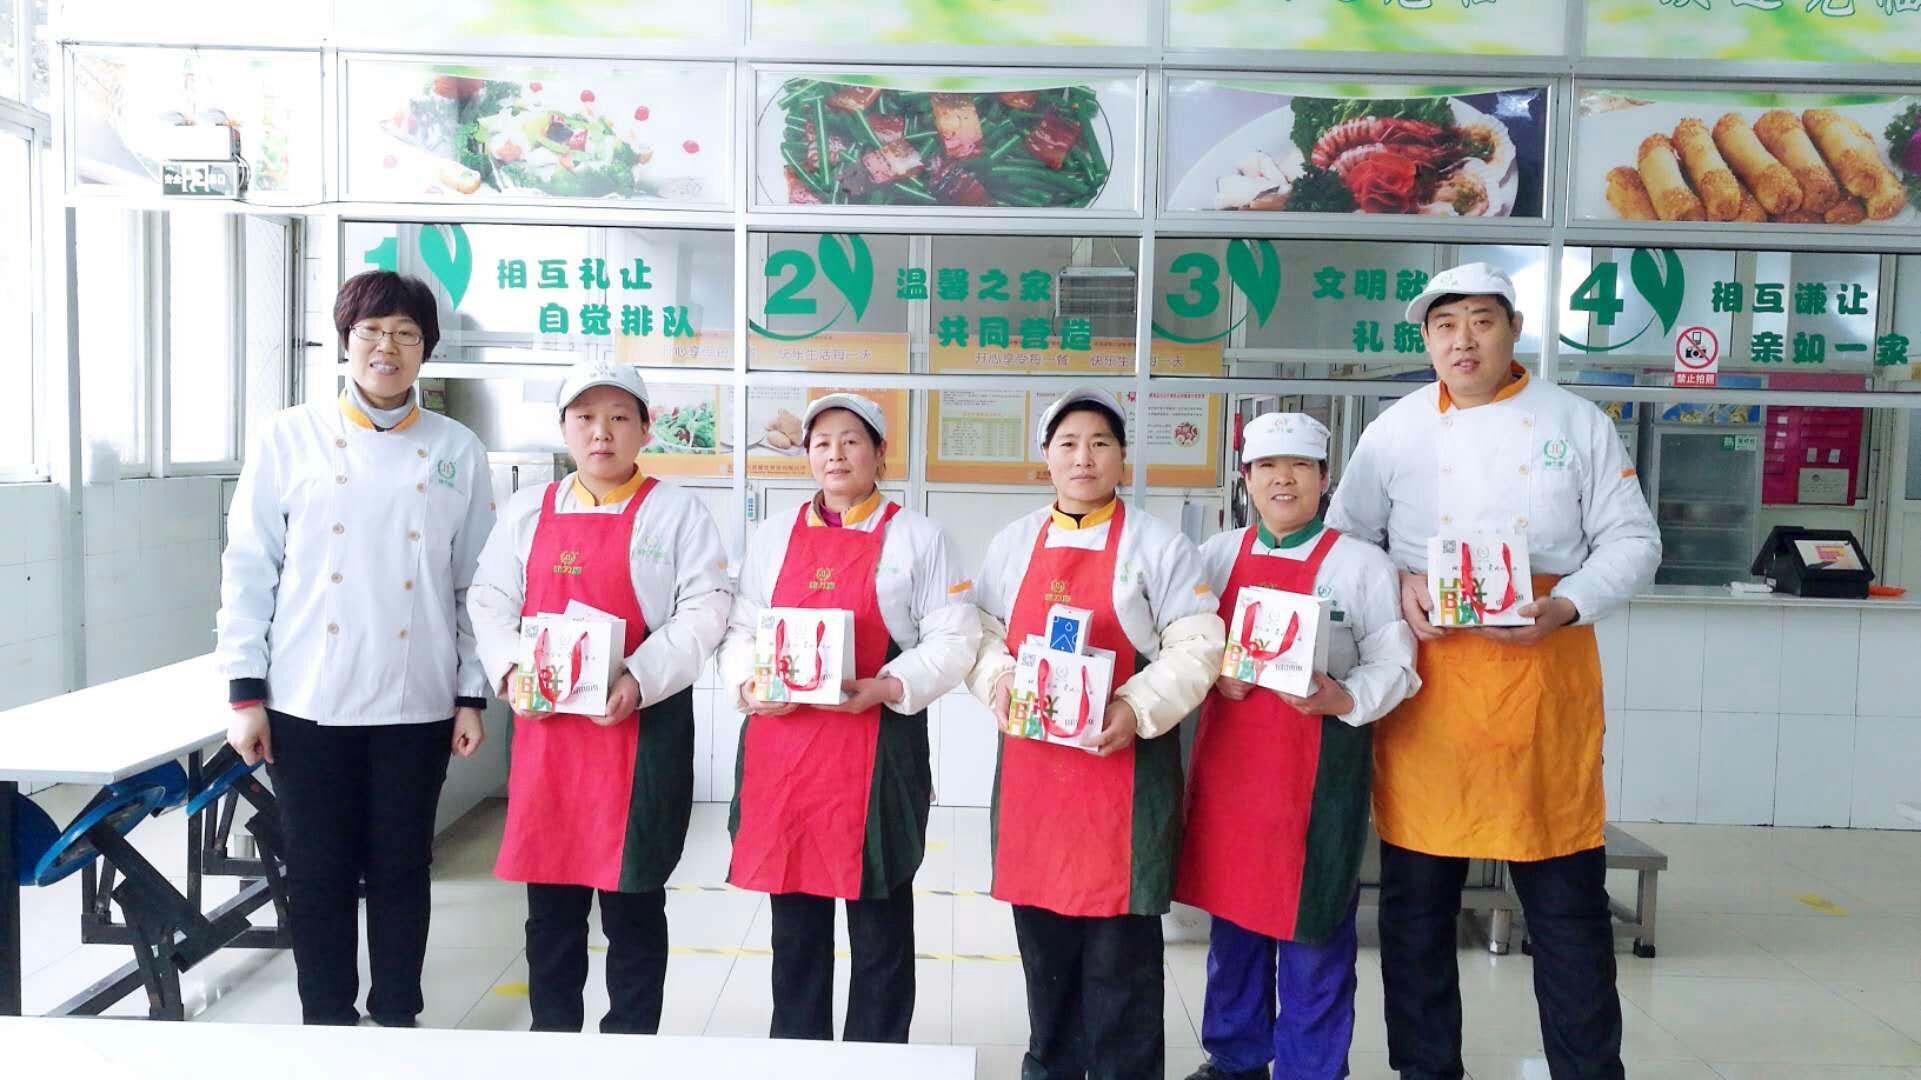 青岛某餐厅向员工发放生日礼物